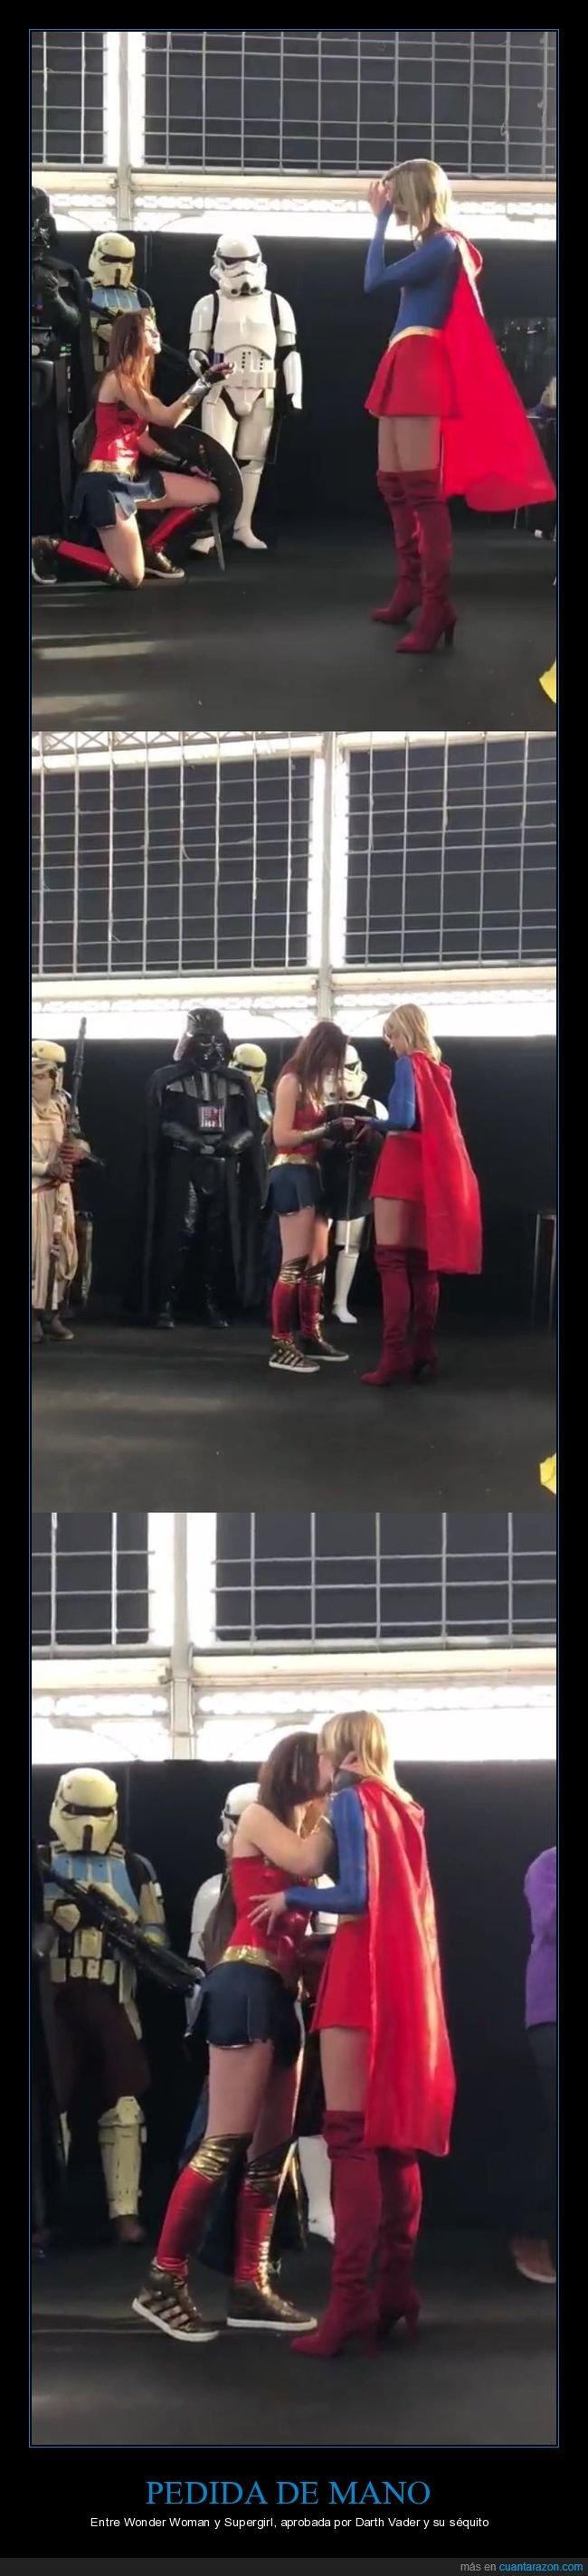 cosplay,darth vader,disfraces,pedida de mano,proposición de matrimonio,supergirl,wonder woman